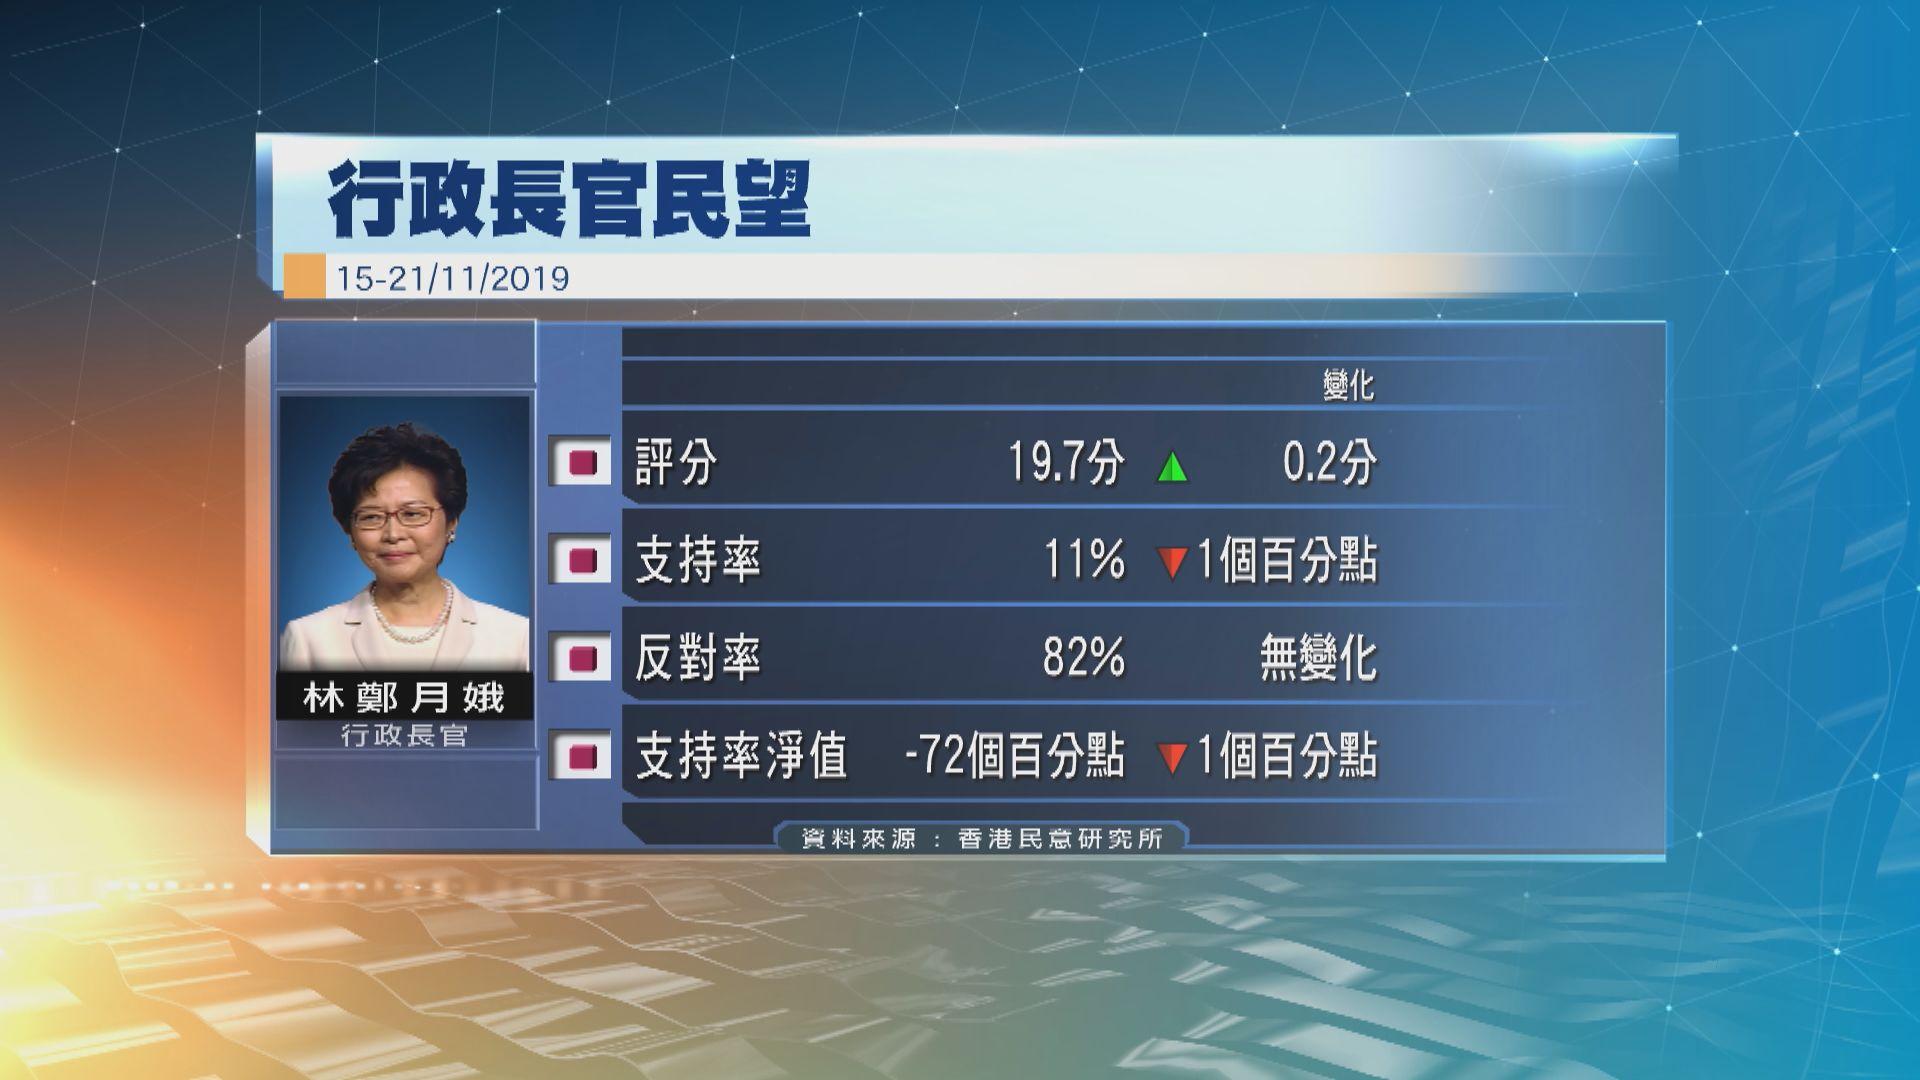 香港民研:林鄭評分微升 民望淨值再次下跌